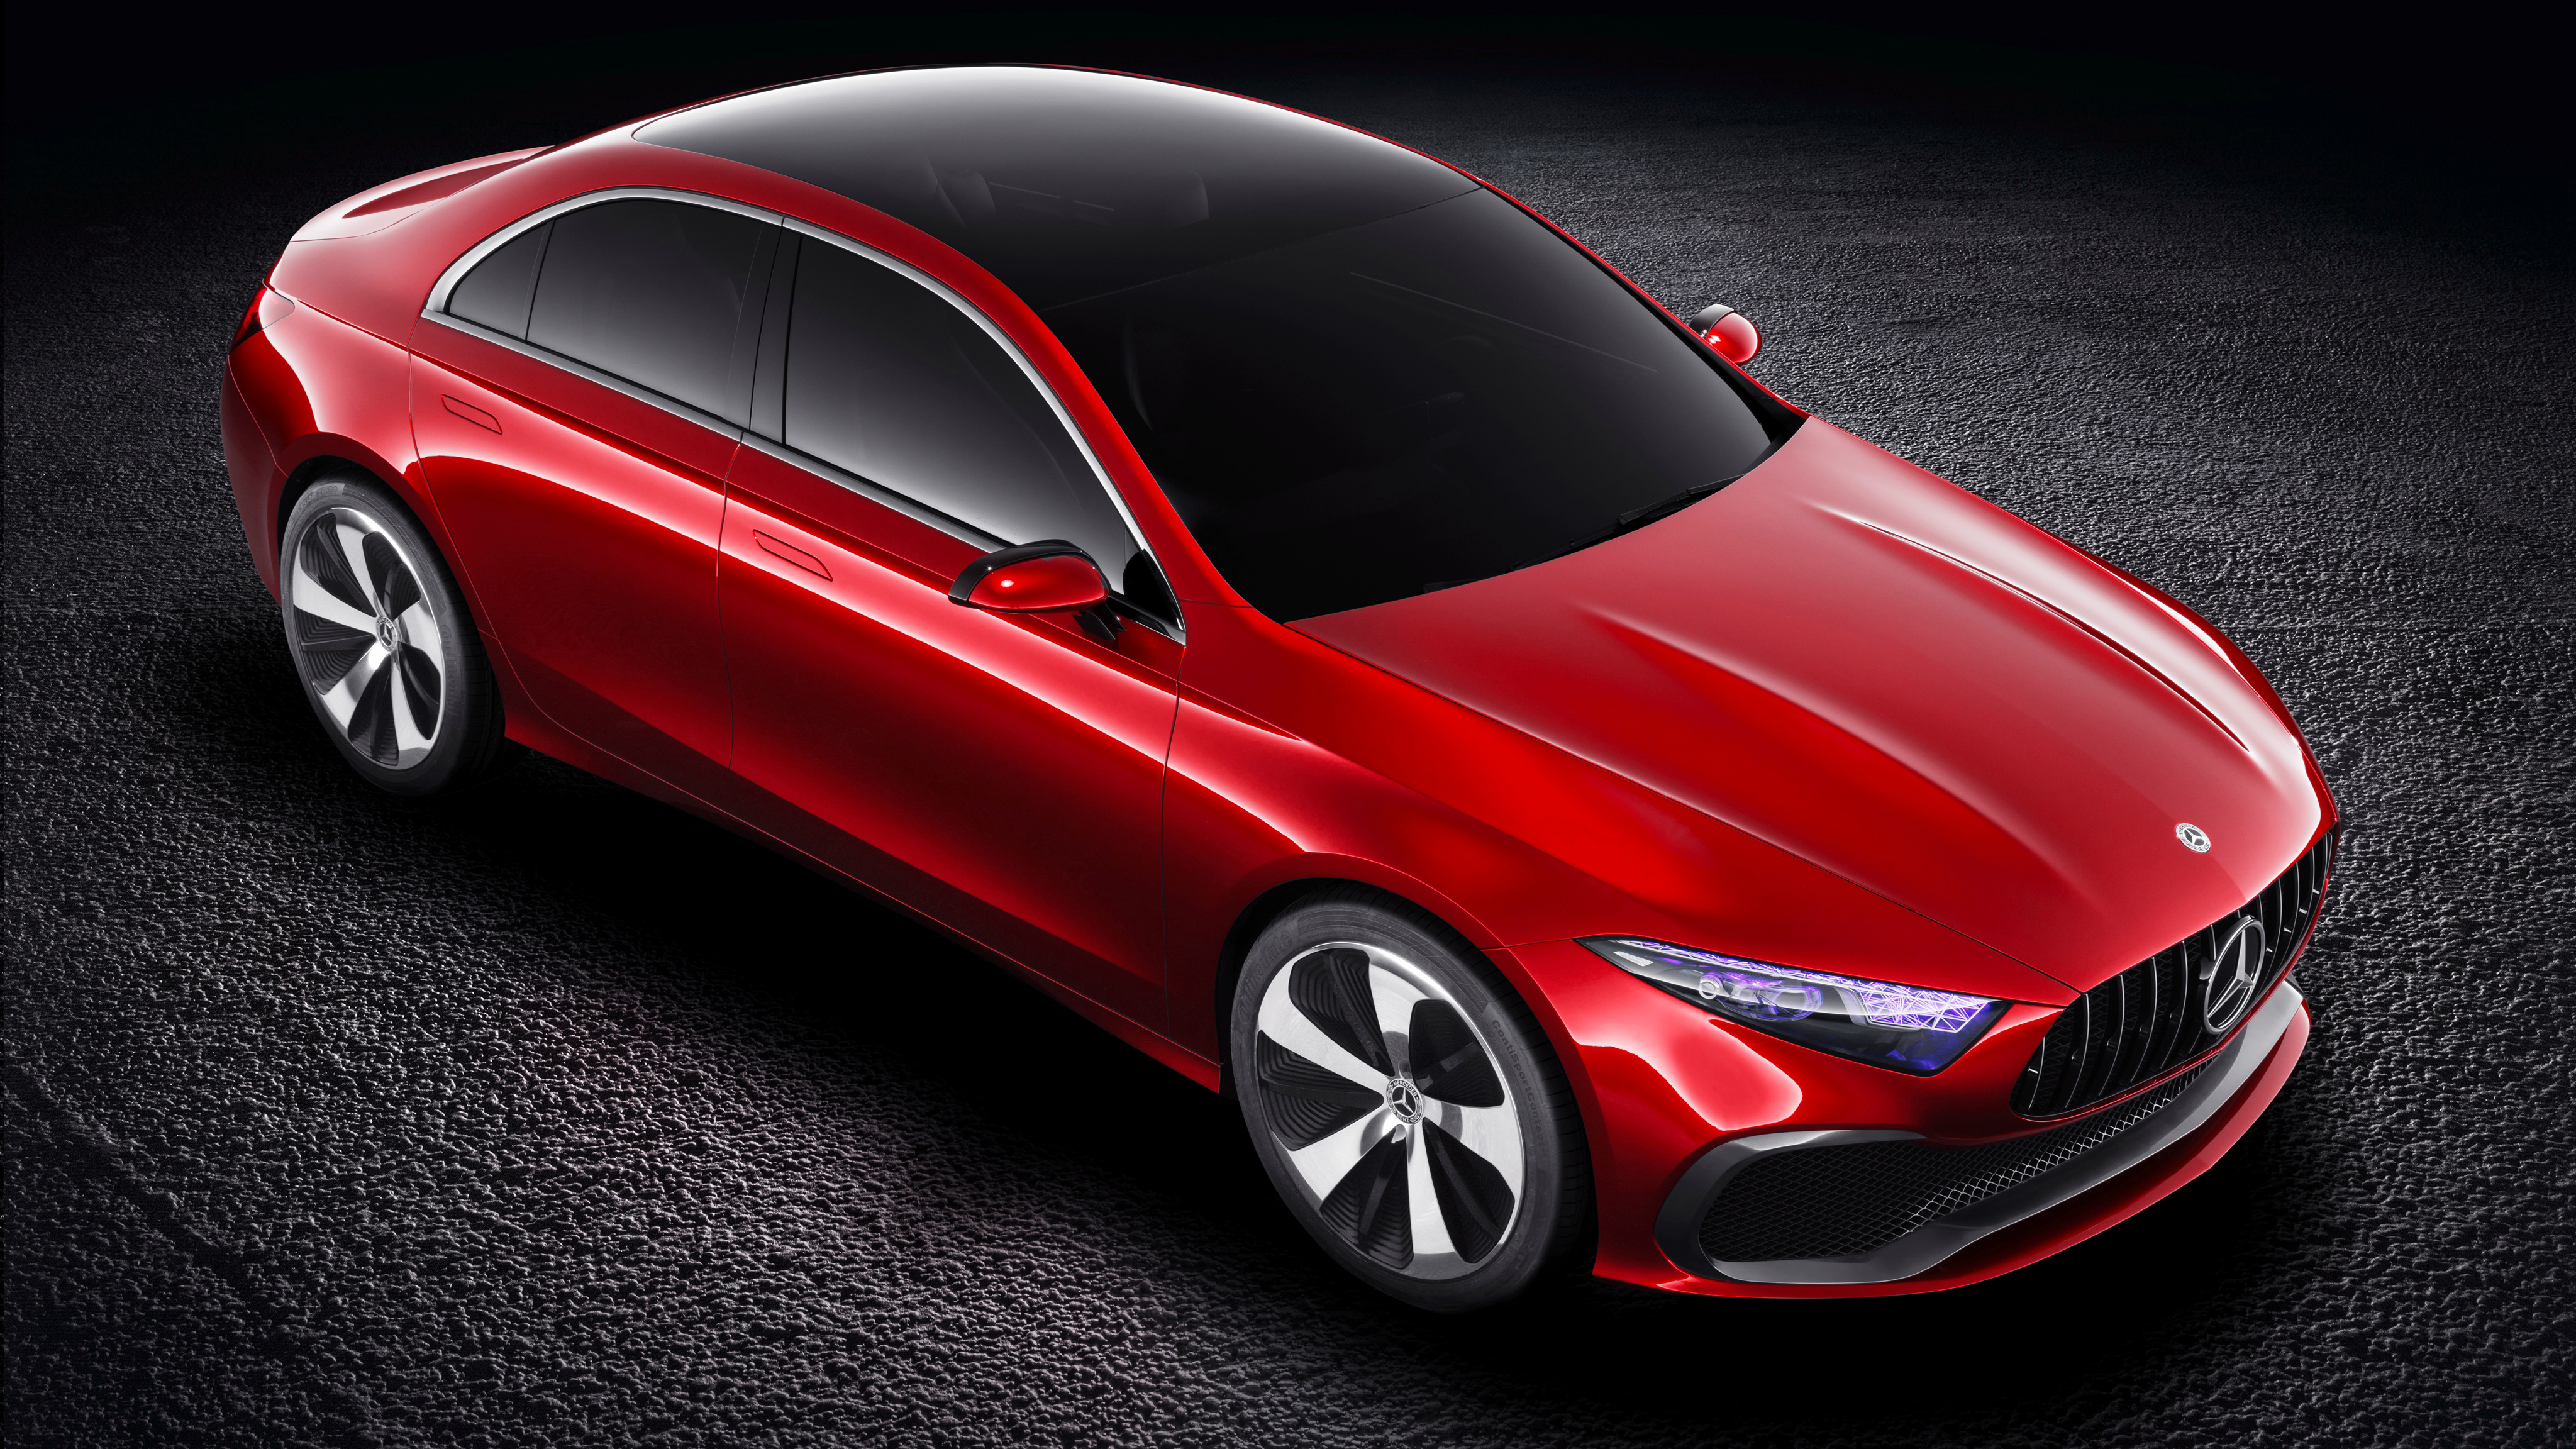 Mercedes Benz Concept A Sedan 3 Wallpaper   HD Car ...